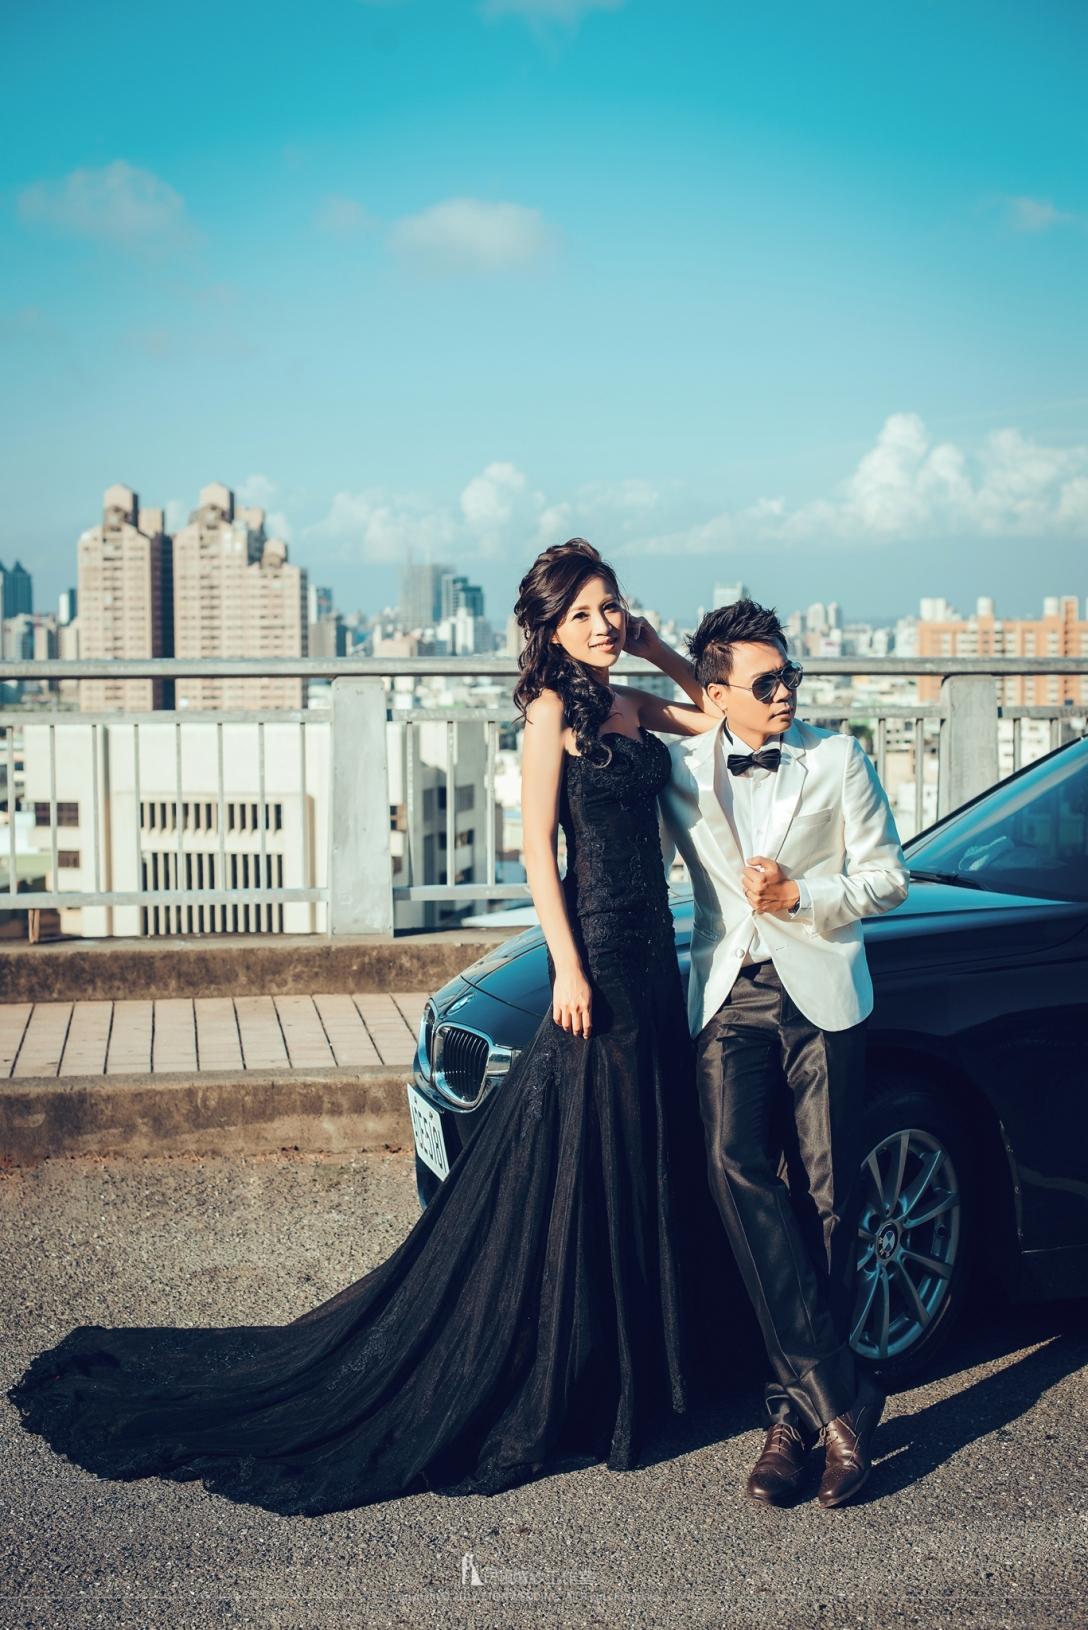 婚紗攝影,婚紗攝影ptt,婚紗攝影師,婚紗攝影推薦,台北 婚紗攝影,台北 婚紗攝影推薦,婚紗攝影風格